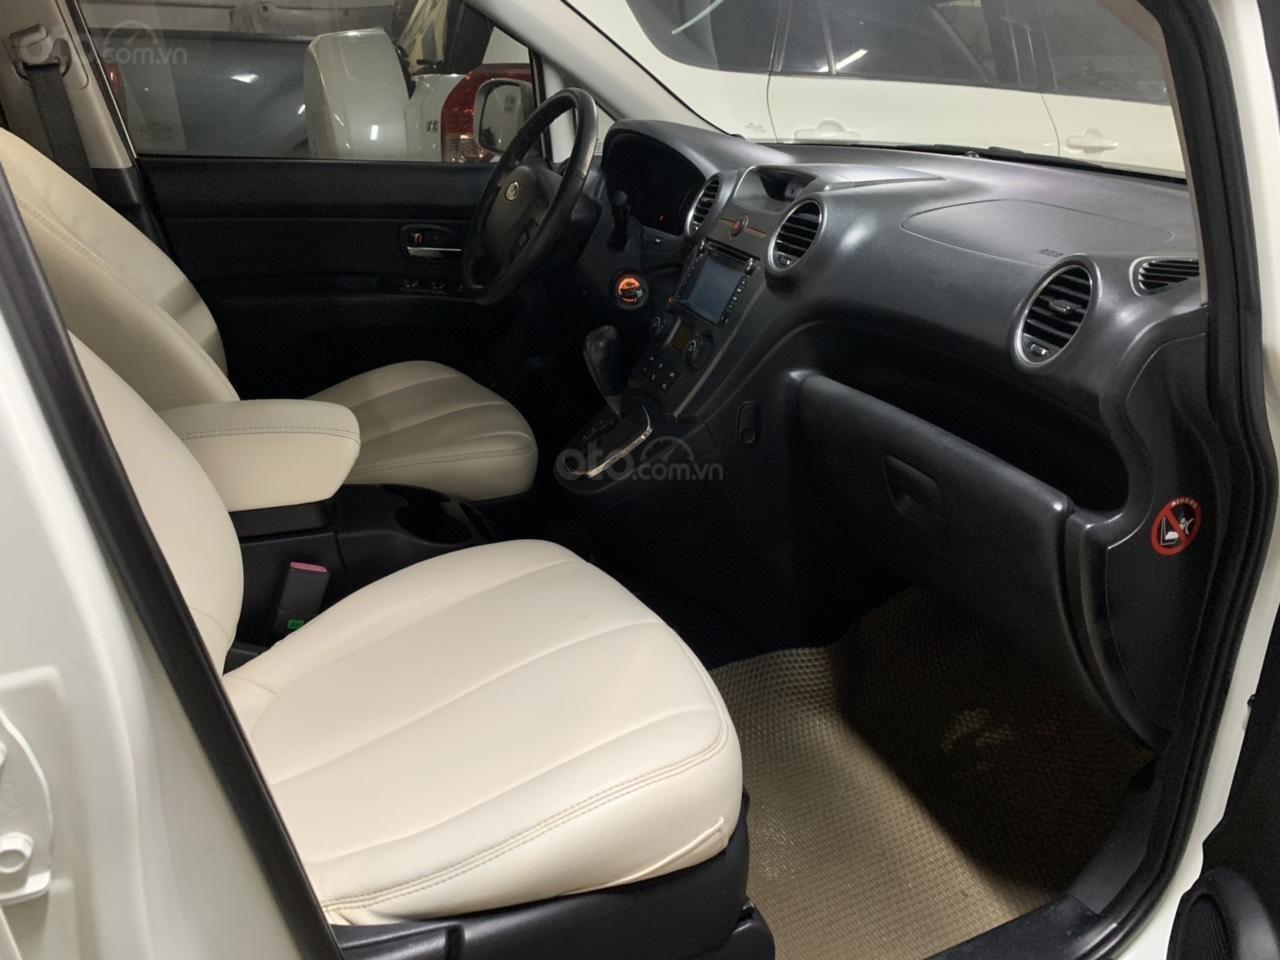 Bán xe Kia Carens 2.0AT năm 2011, màu trắng (6)